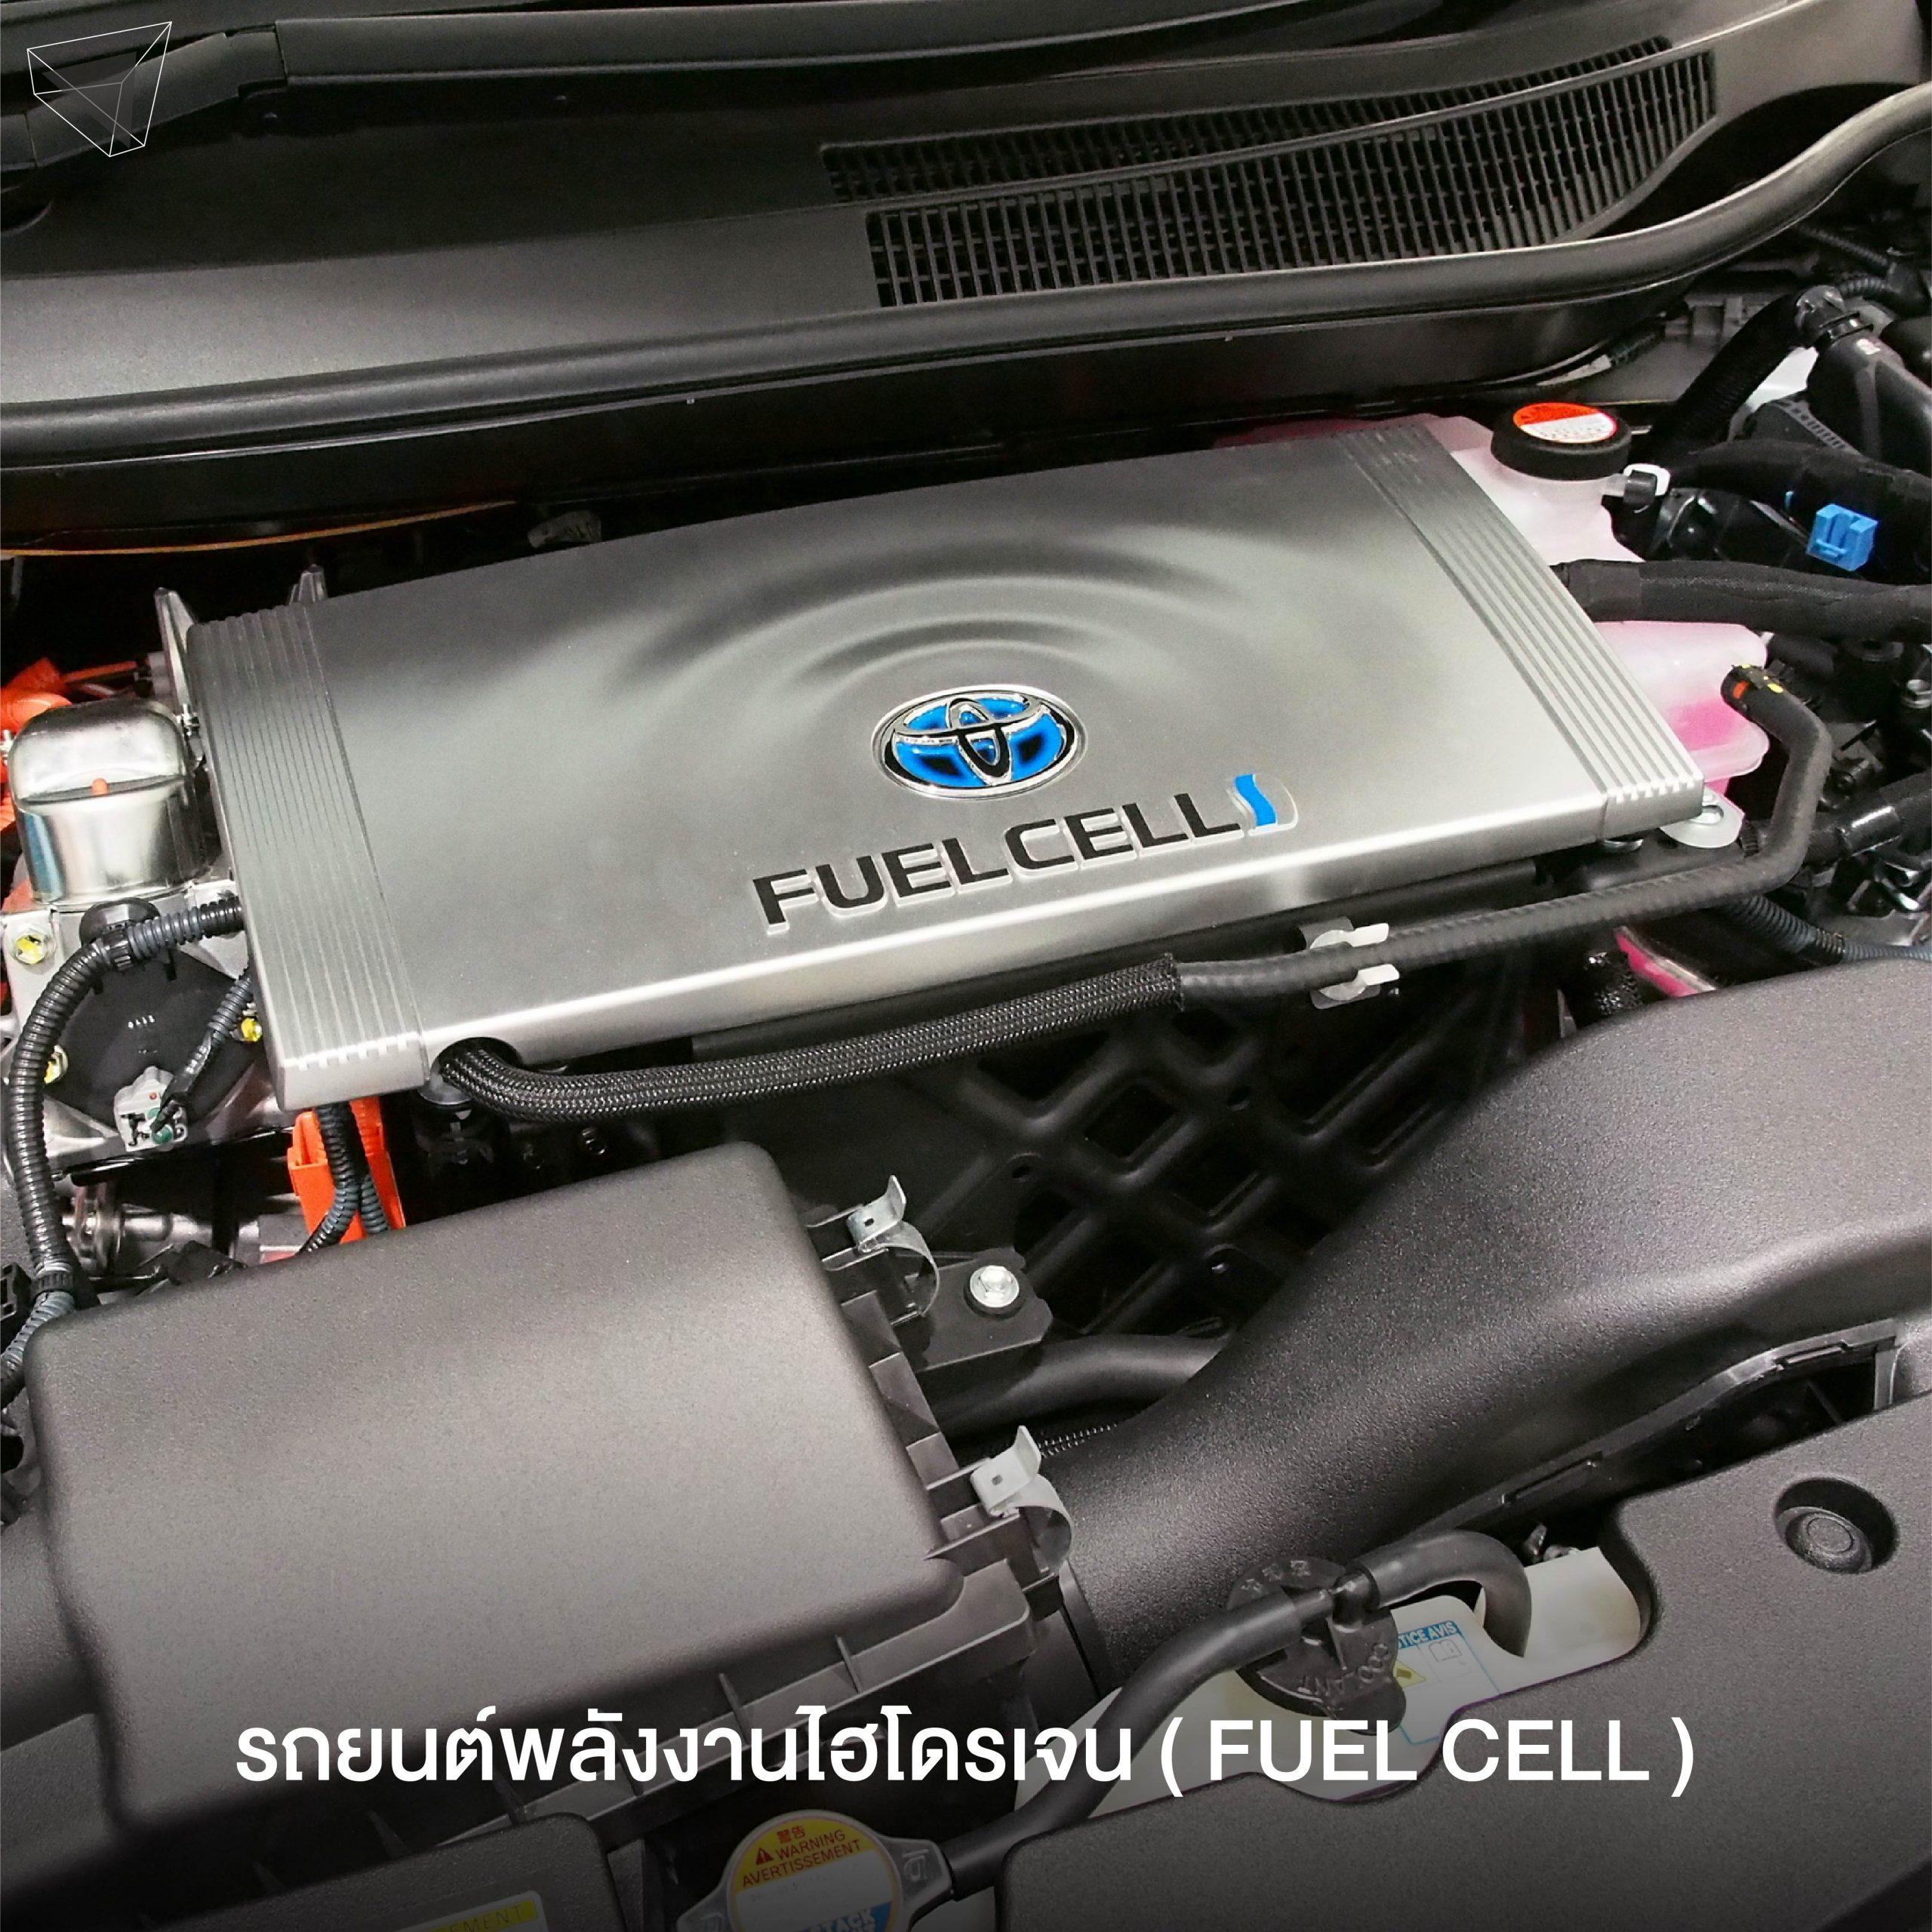 รถพลังงานไฮโดรเจน (Fuel Cell)